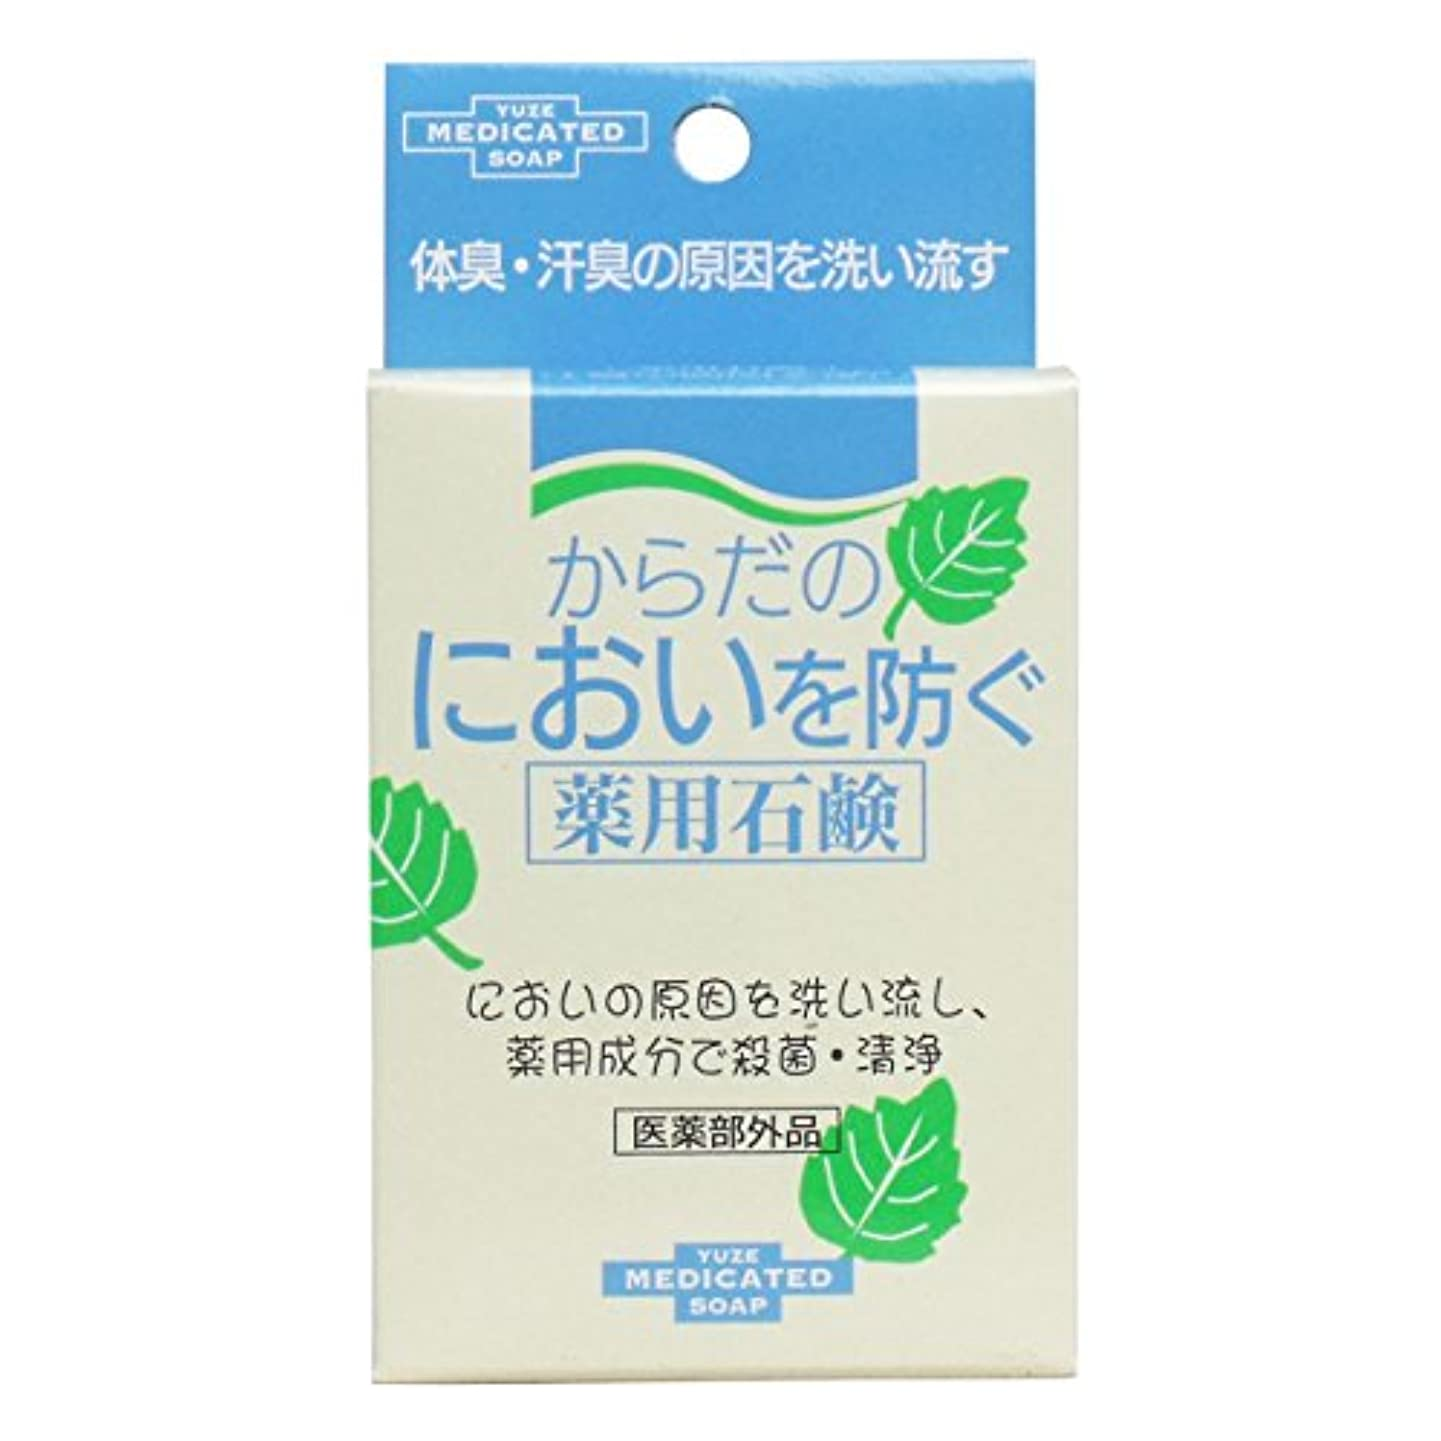 おとこ大理石スピーカーからだのにおいを防ぐ薬用石鹸 110g ユゼ